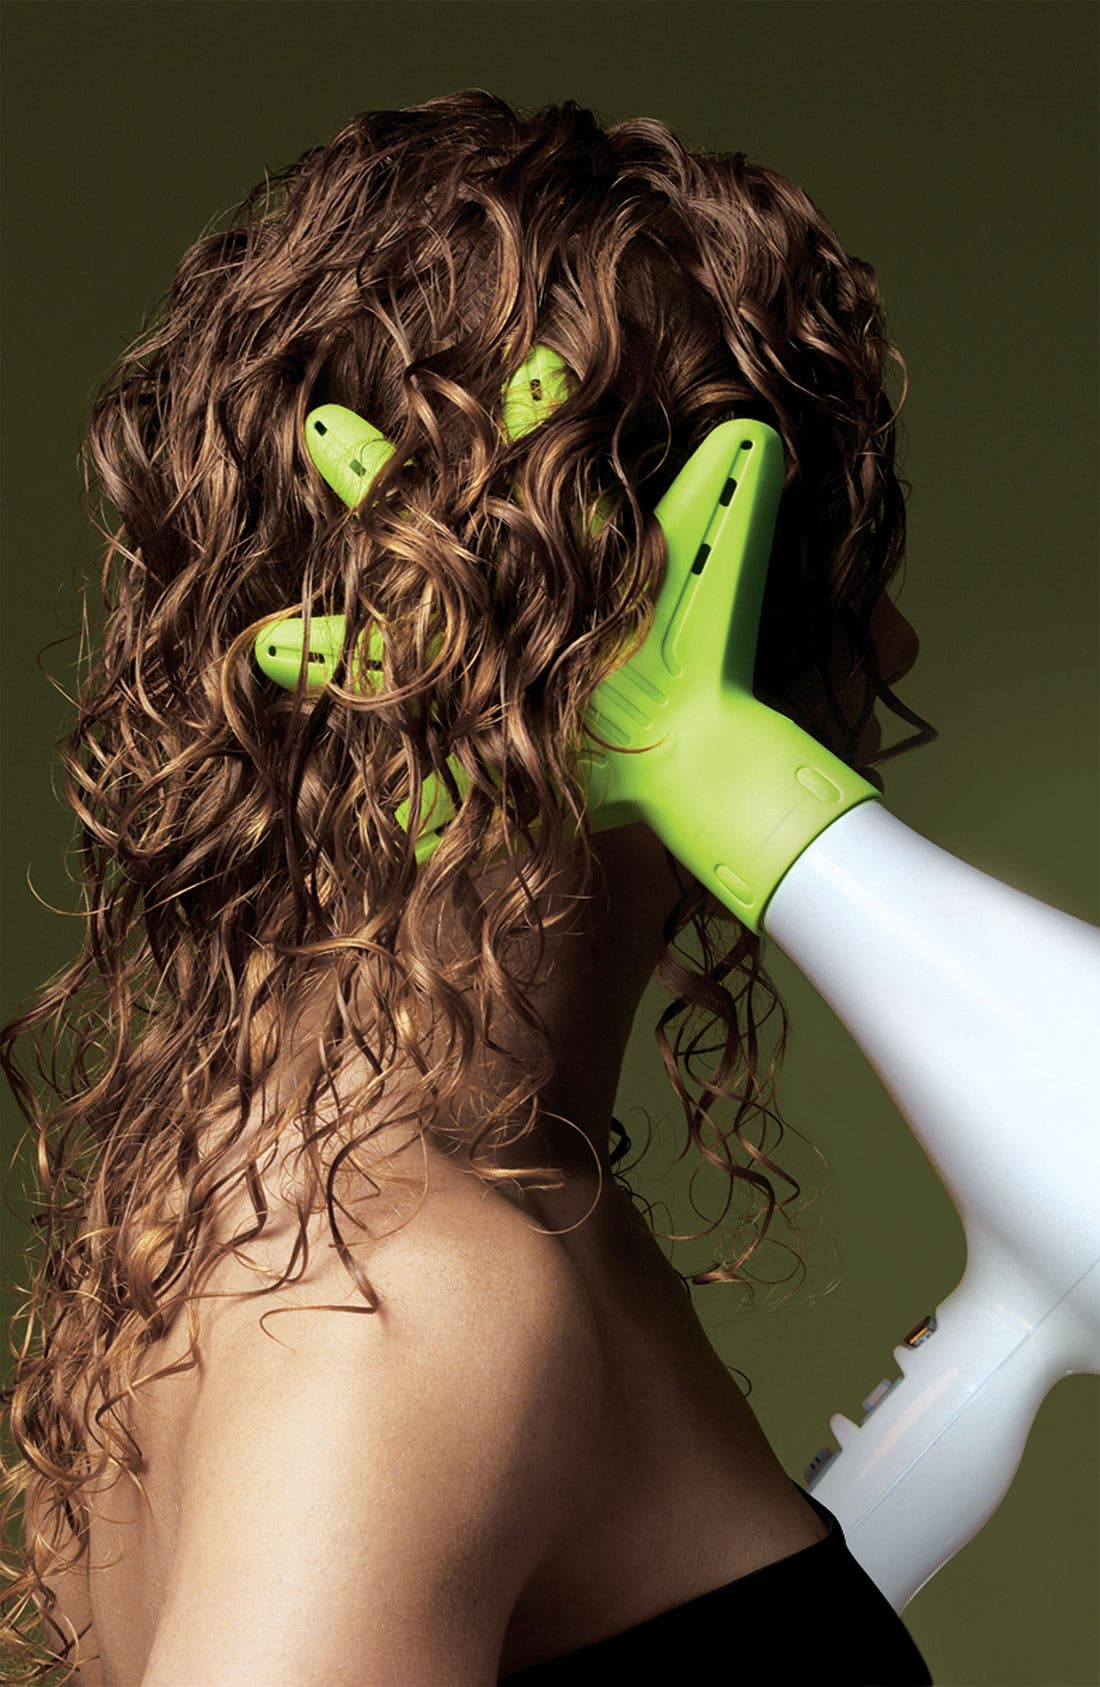 Alternate Image 2  - DevaCurl 'DevaFuser' Diffuser & Hairdryer